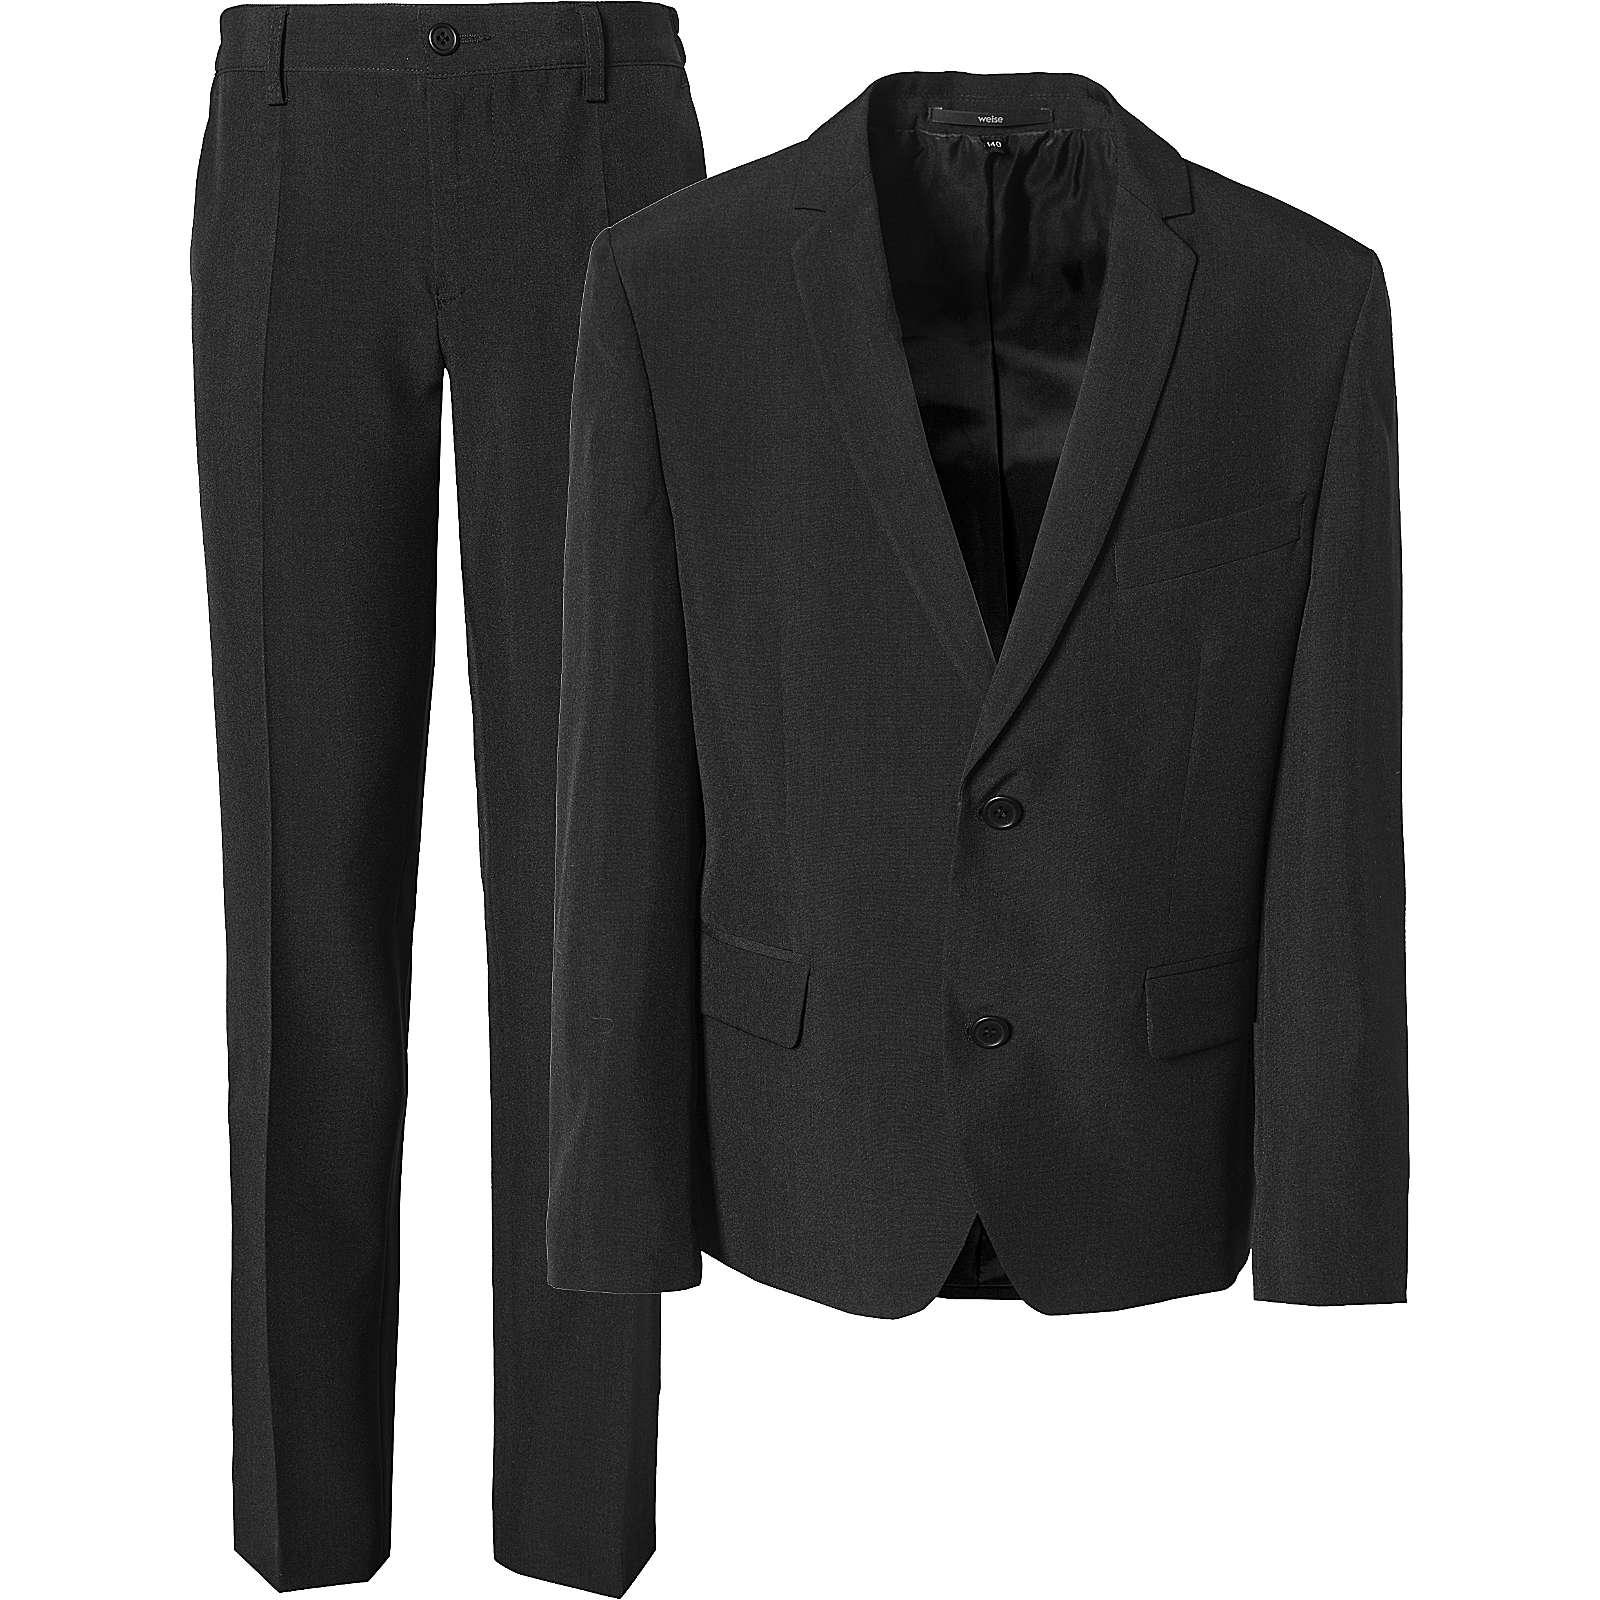 Weise Kinder Anzug, Regula Fit schwarz Junge Gr. 128